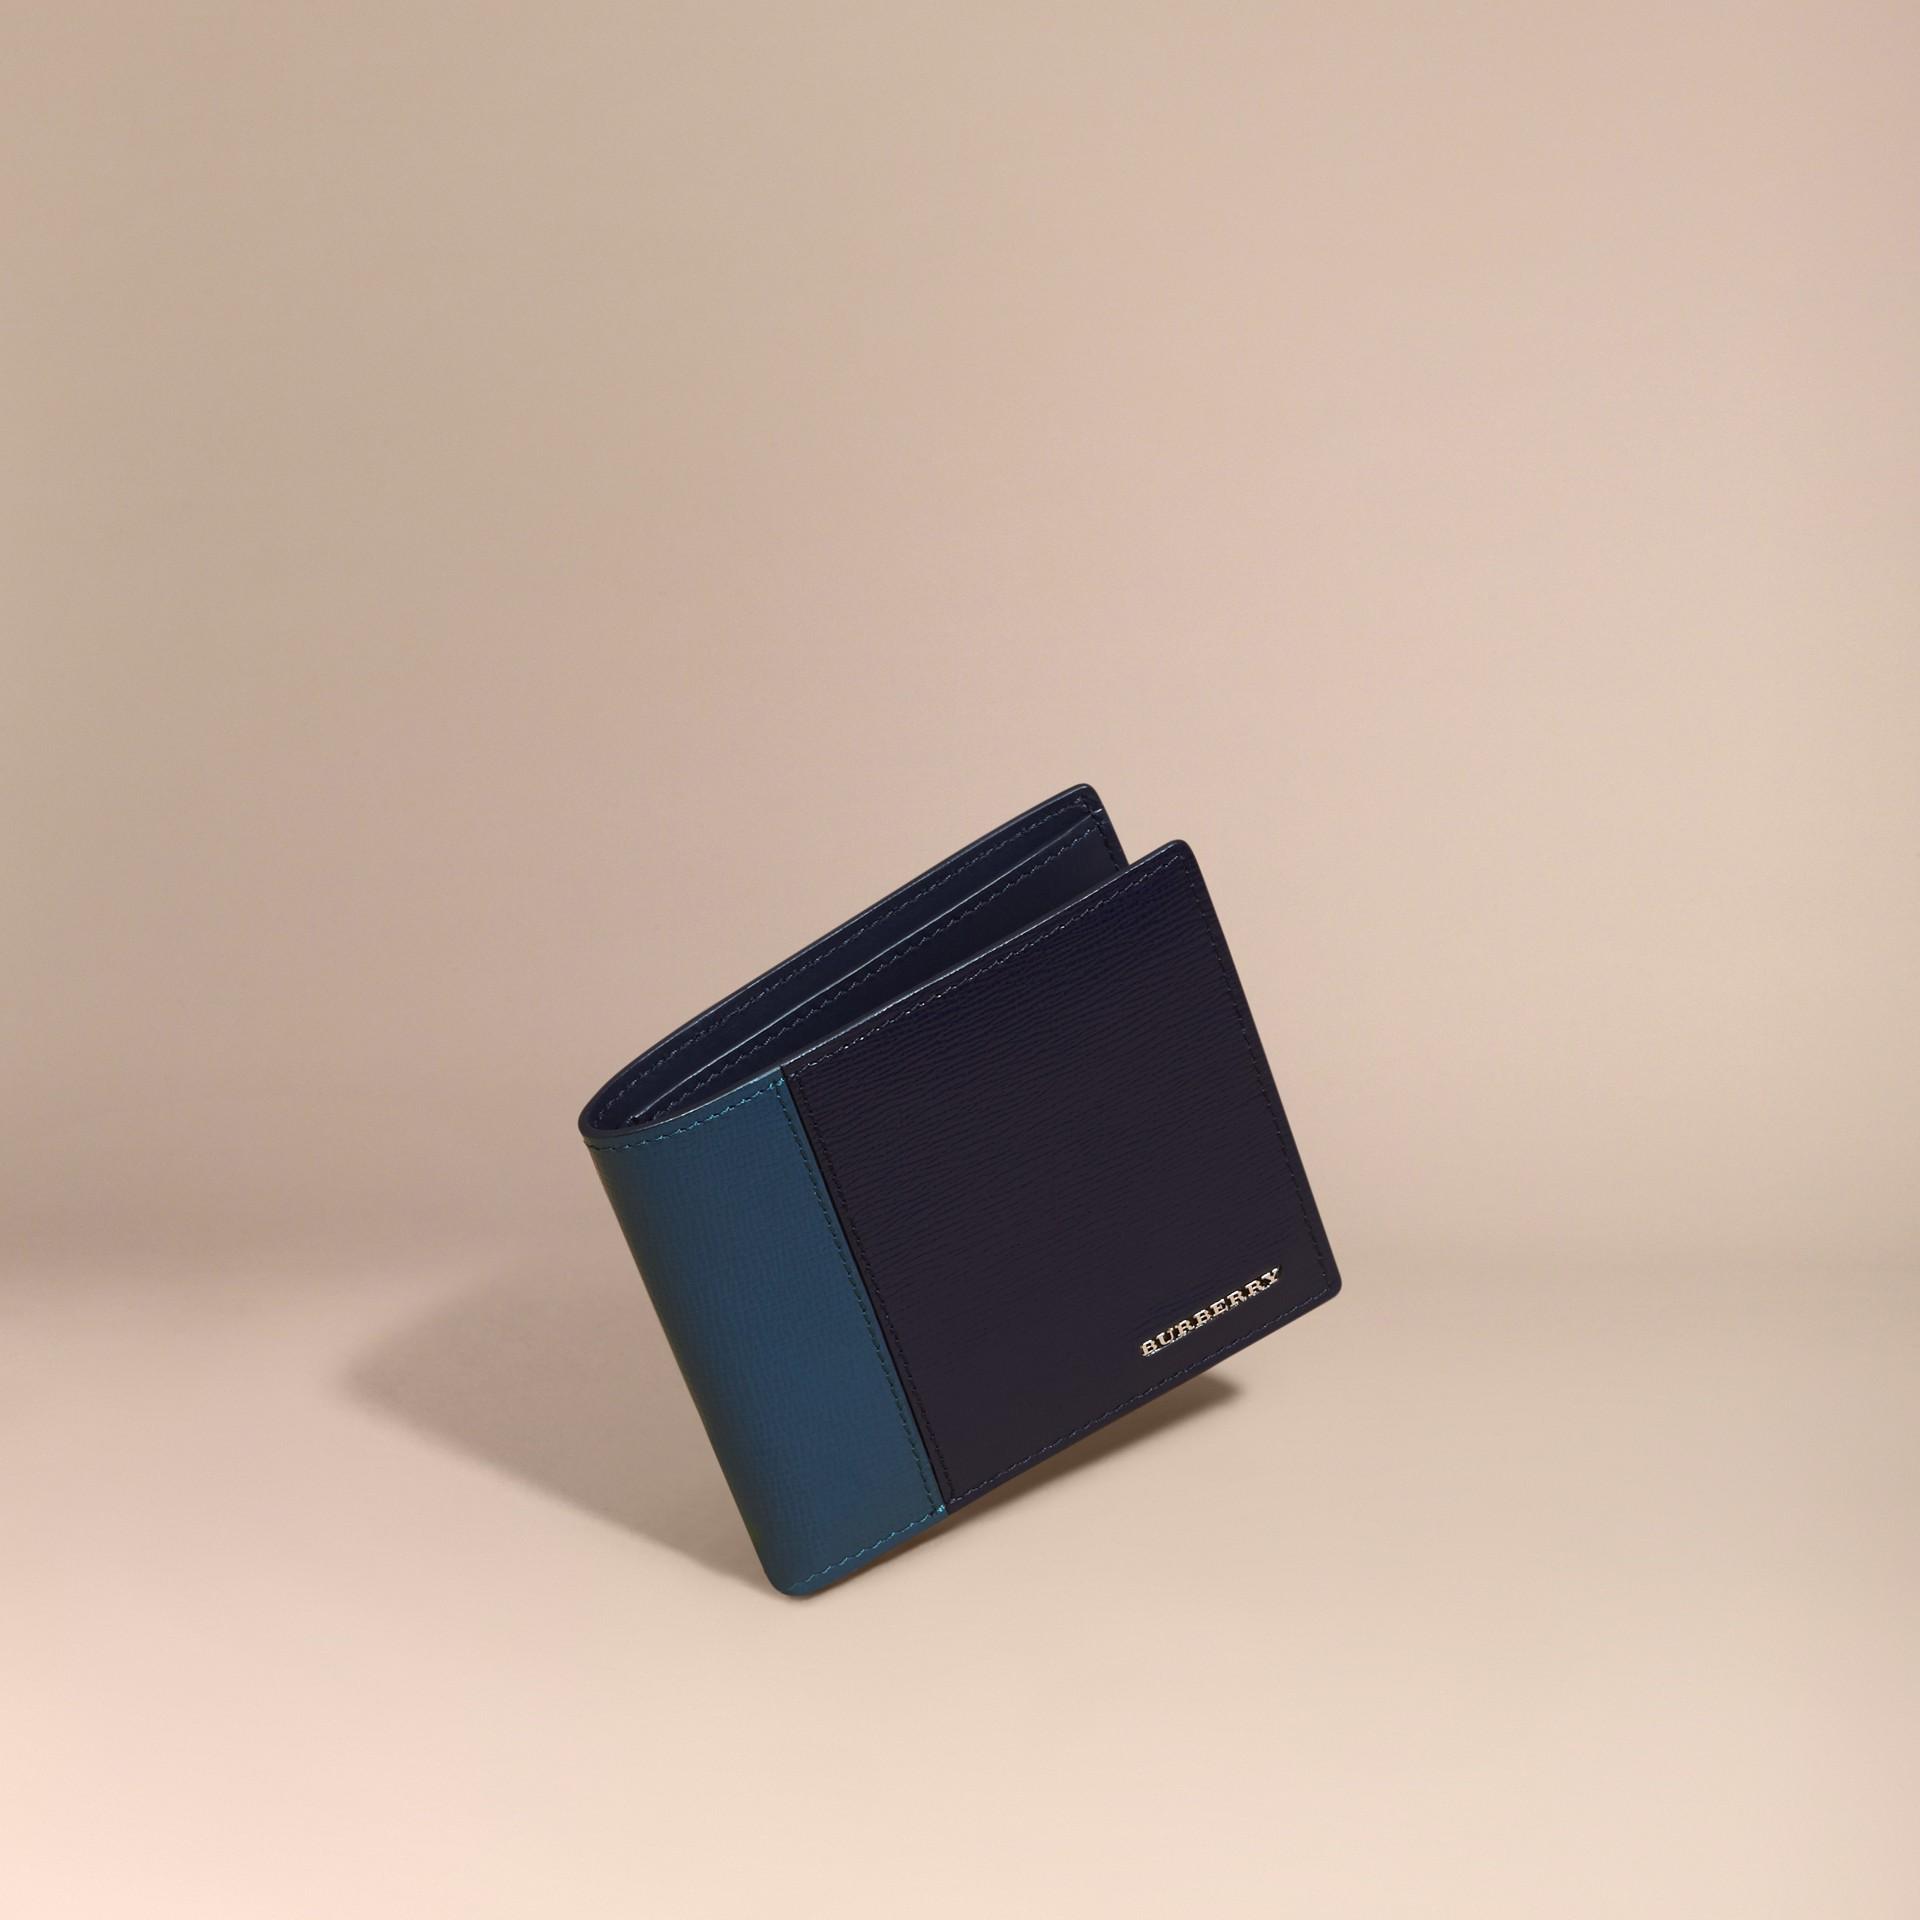 Navy scuro/blu minerale Portafoglio a libro in pelle London con inserti Navy Scuro/blu Minerale - immagine della galleria 1